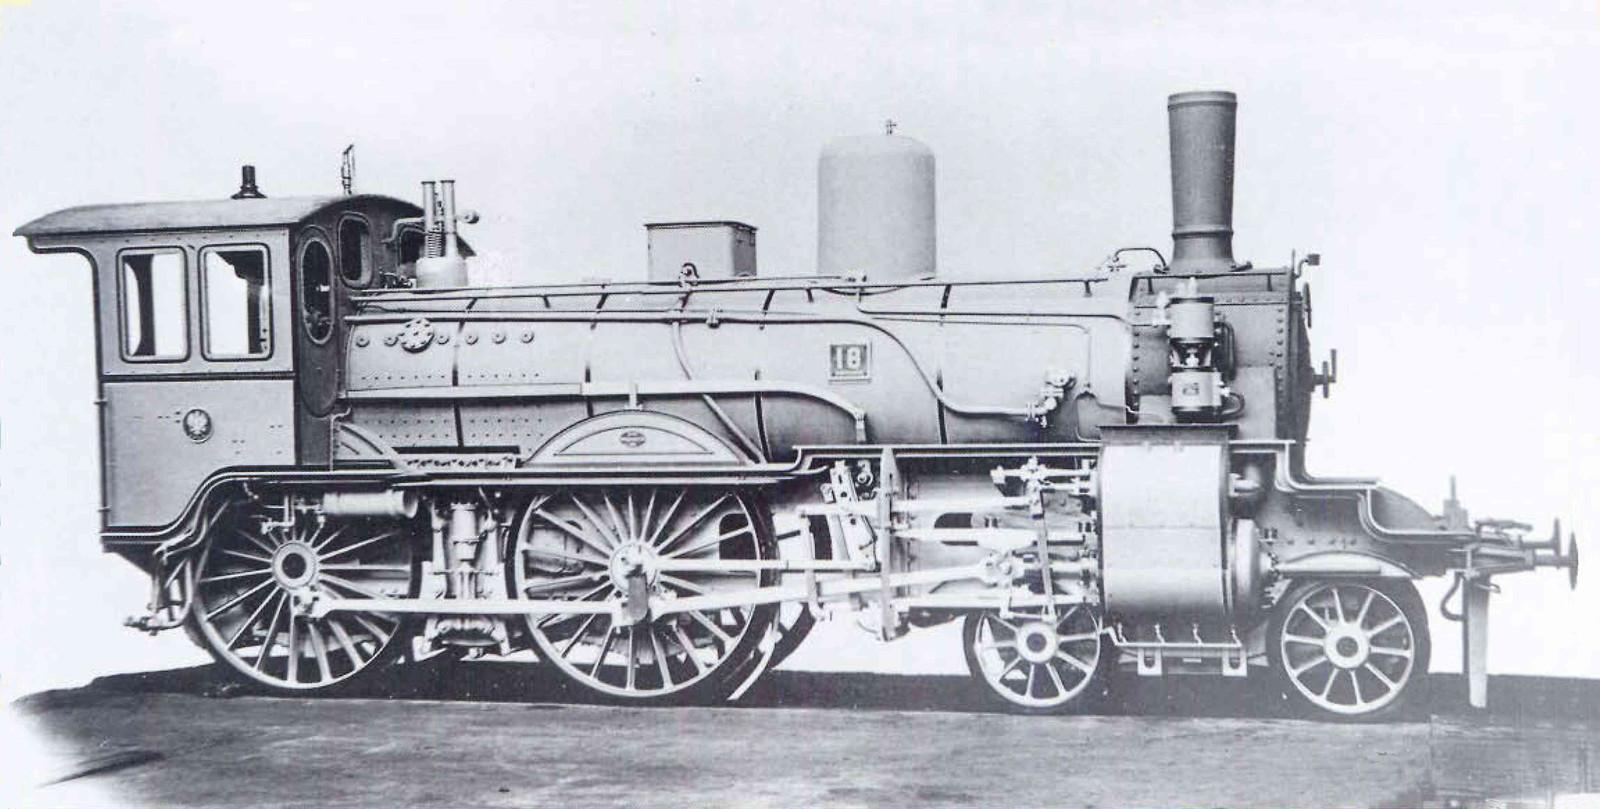 Eisenbahn_journal_s3